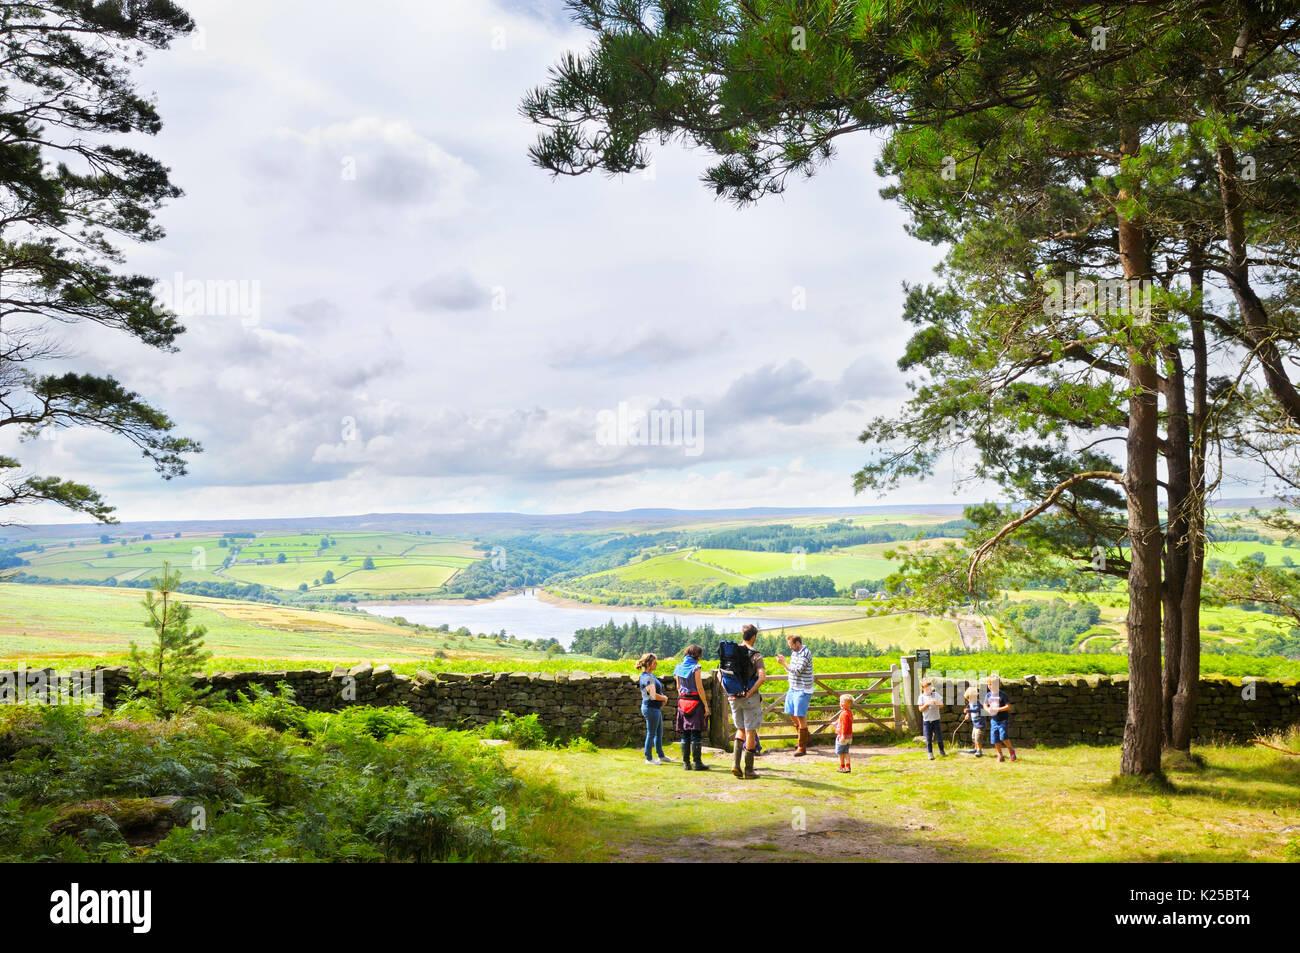 Las familias en un paseo por el bosque siguiendo una pausa de descanso para disfrutar de las vistas de la campiña de Yorkshire en torno a Leighton depósito, Ilton, North Yorkshire, Reino Unido Imagen De Stock